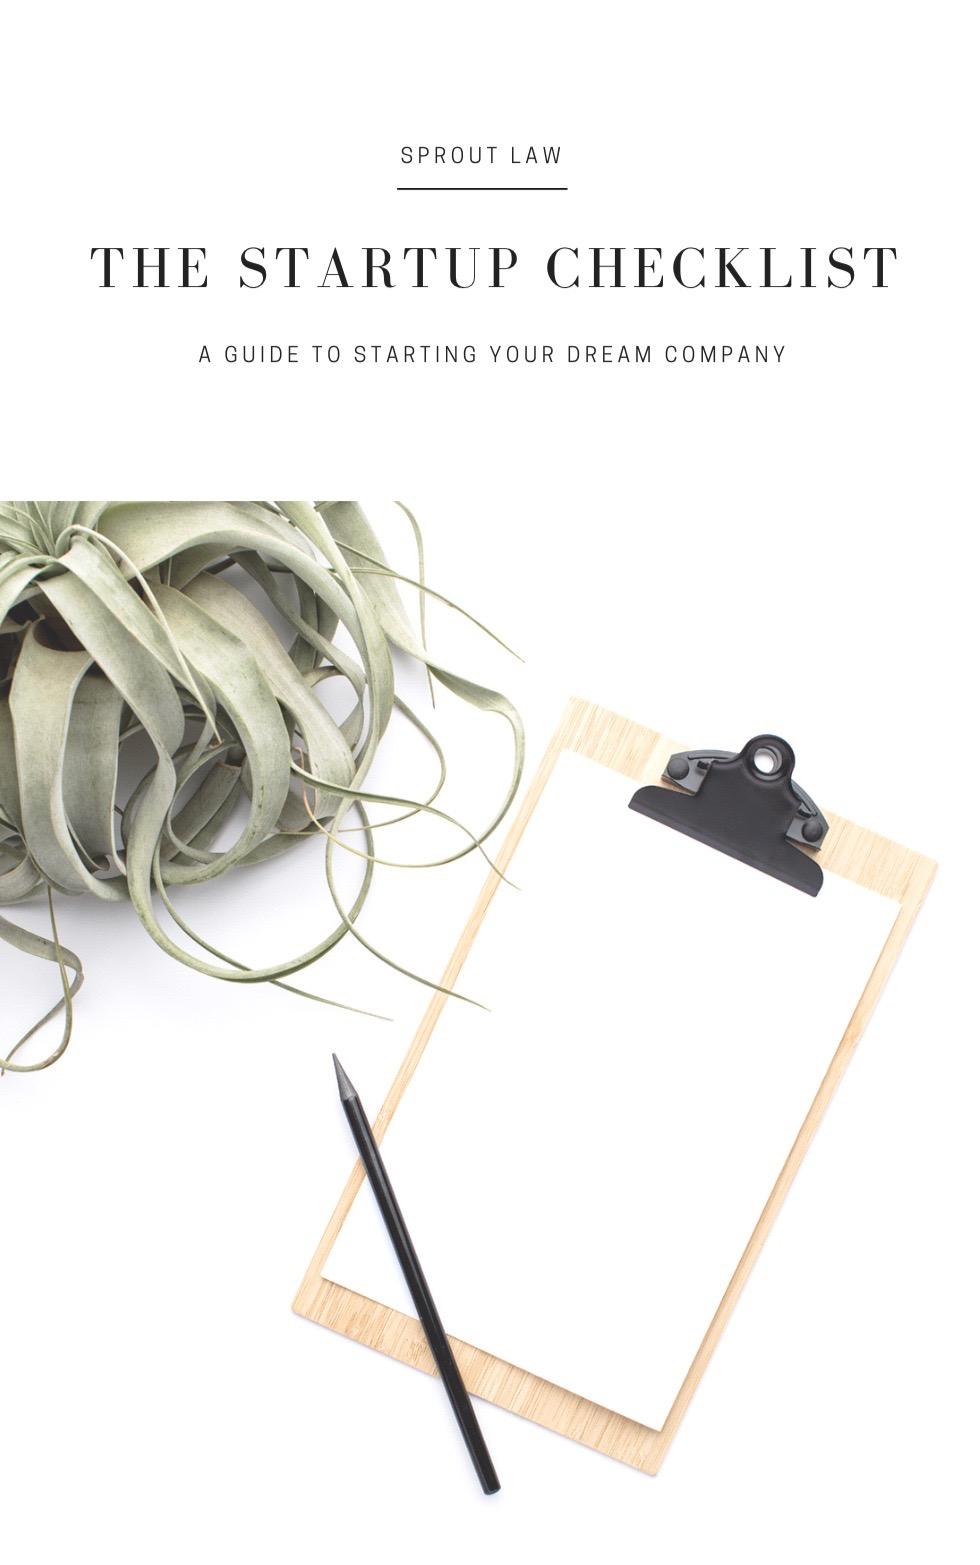 The Startup Checklist - $0